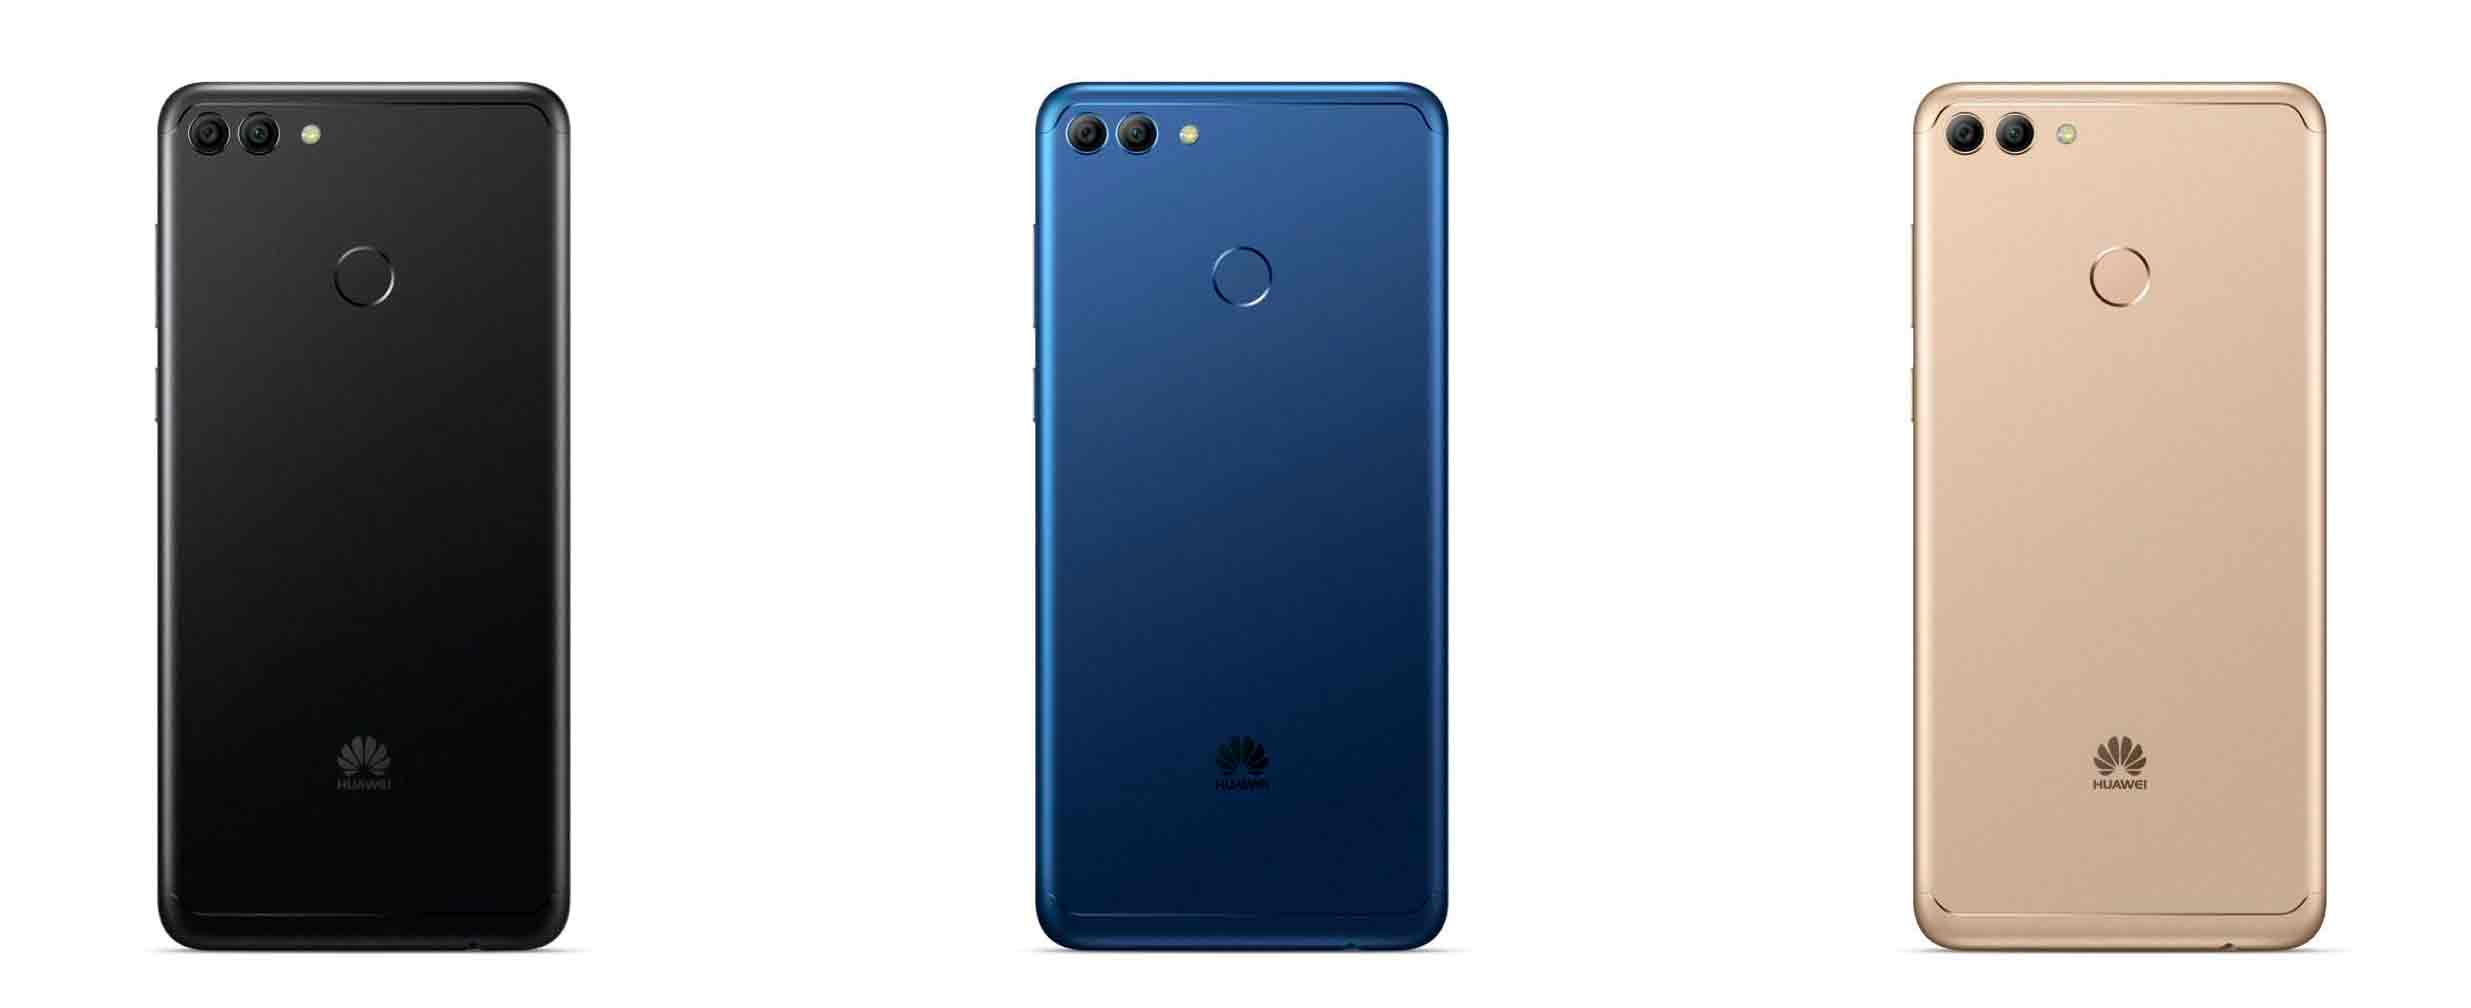 7 claves del móvil de batalla Huawei Y9 2018